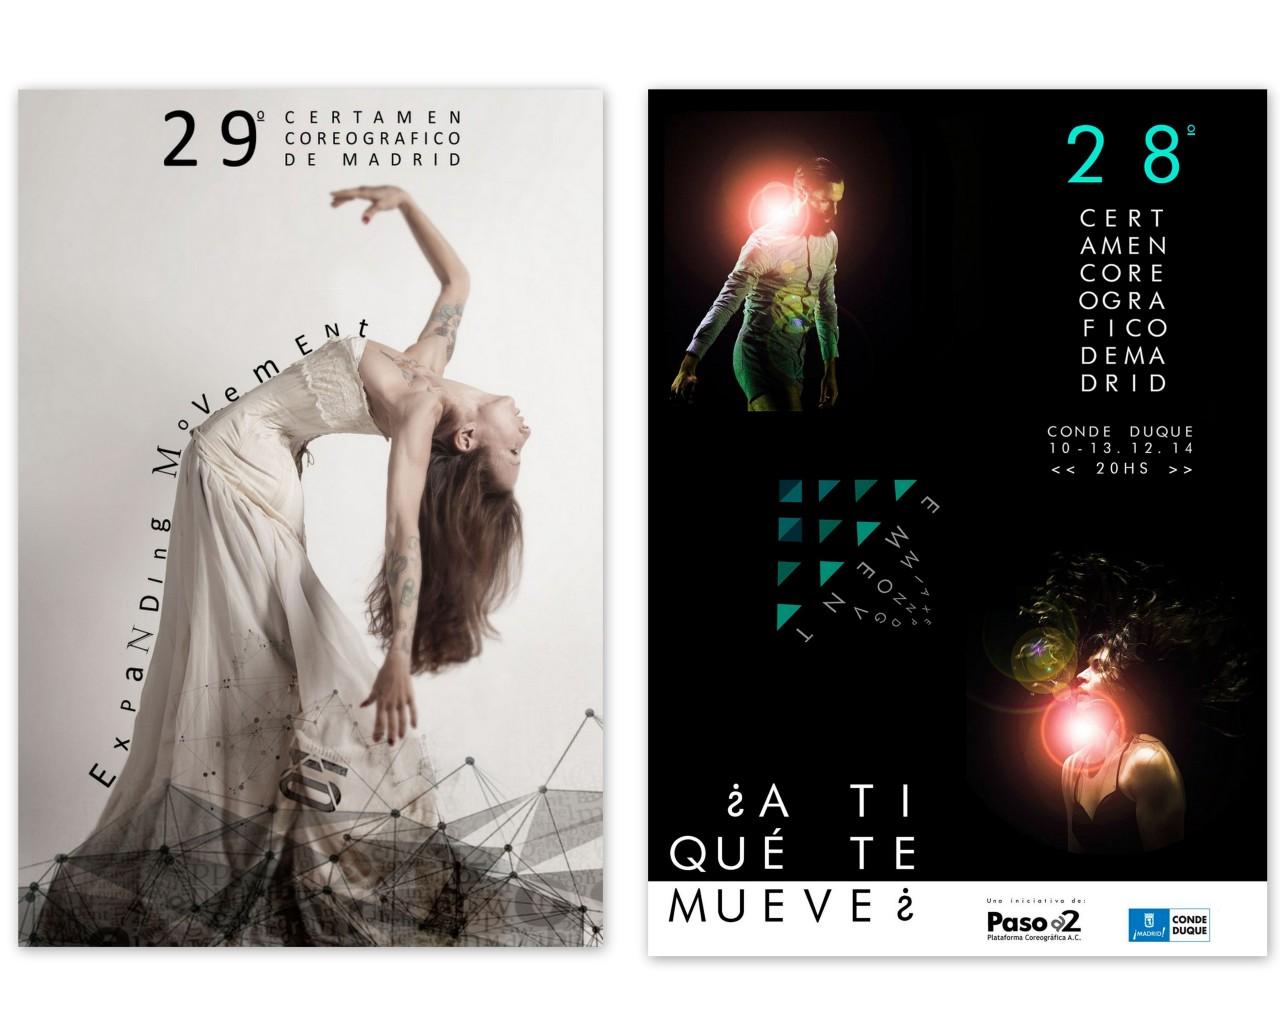 28 y 29 Certamenes Coreograficos de Madrid en CONDE DUQUE